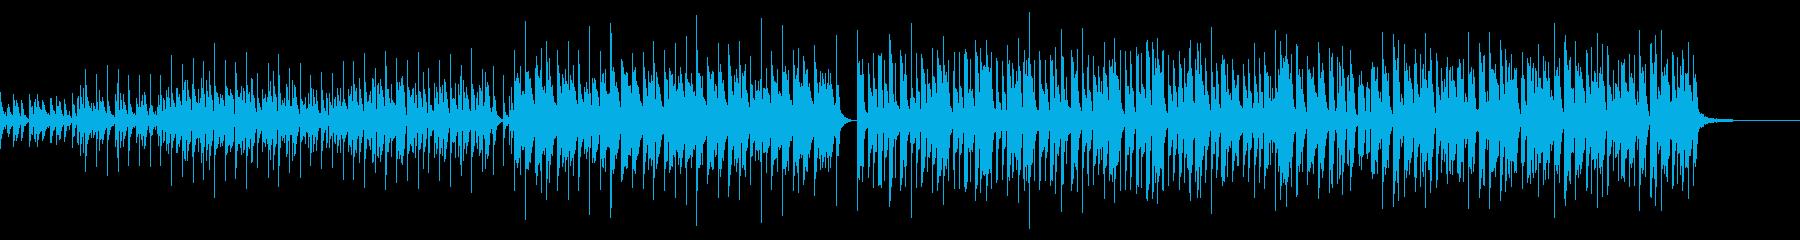 ベル・明るい・楽しい・フォーク調の再生済みの波形